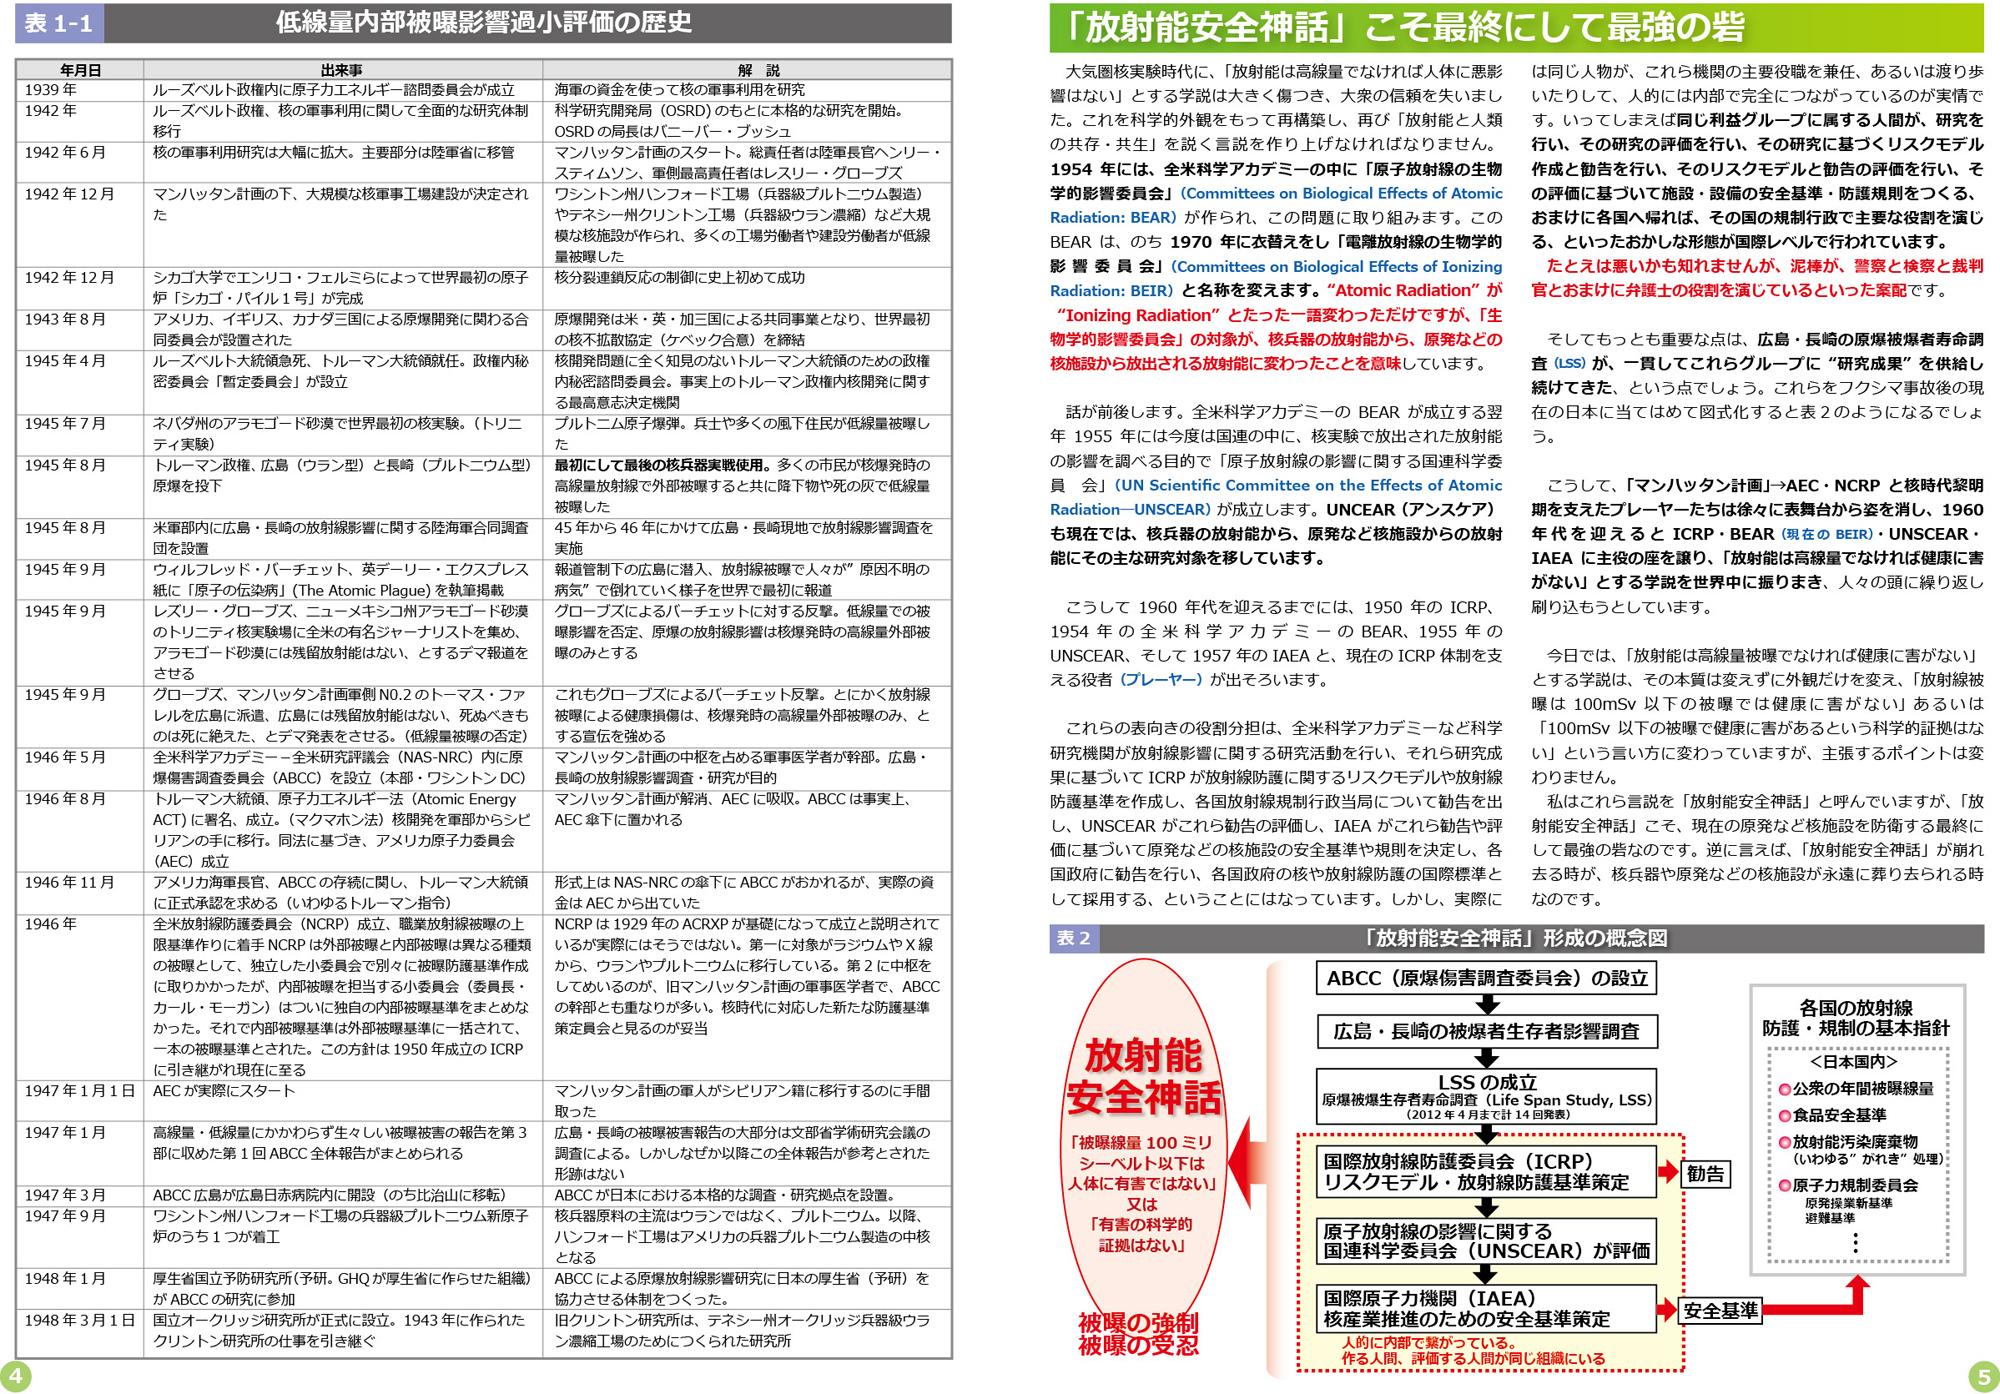 ファイル 422-3.jpg